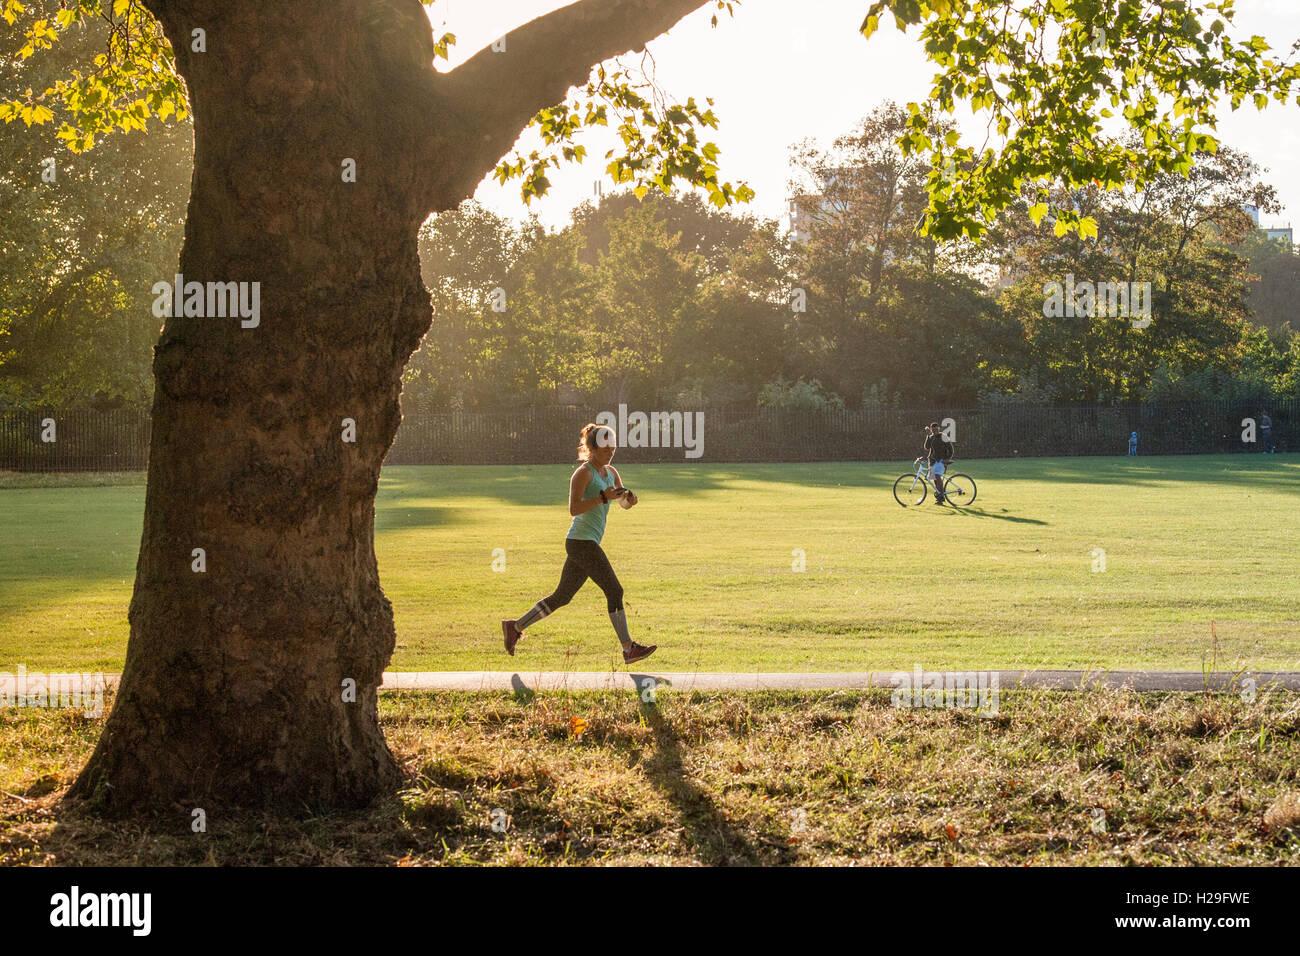 Un coureur s'exécute avec une fin d'après-midi dans un parc de Londres Photo Stock